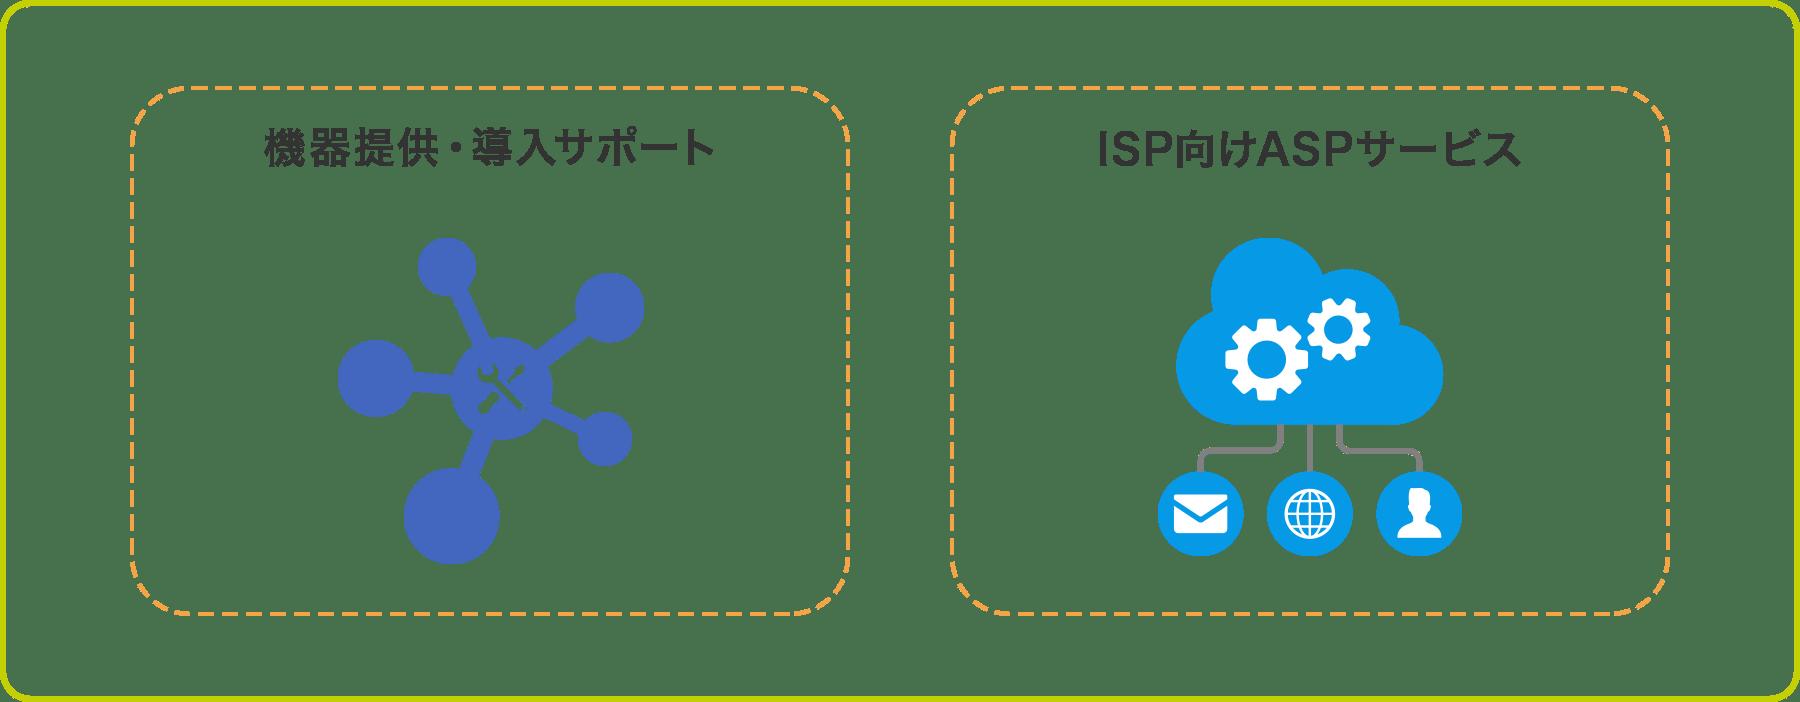 ISP向けトータルサポートサービスのパッケージモデル